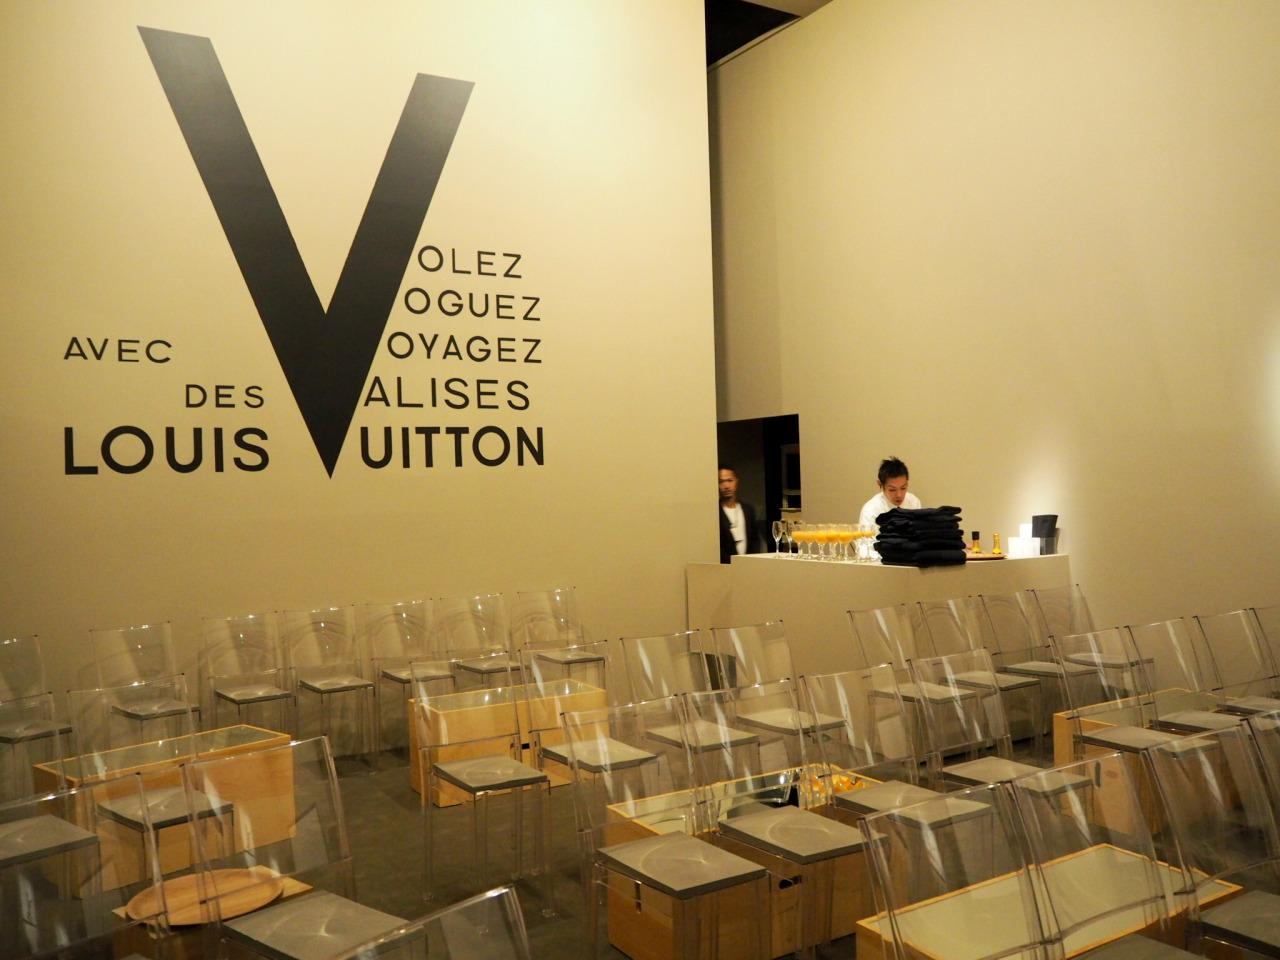 ルイ・ヴィトンの展覧会を貸し切り! Yahoo!映画プレミアム上映会